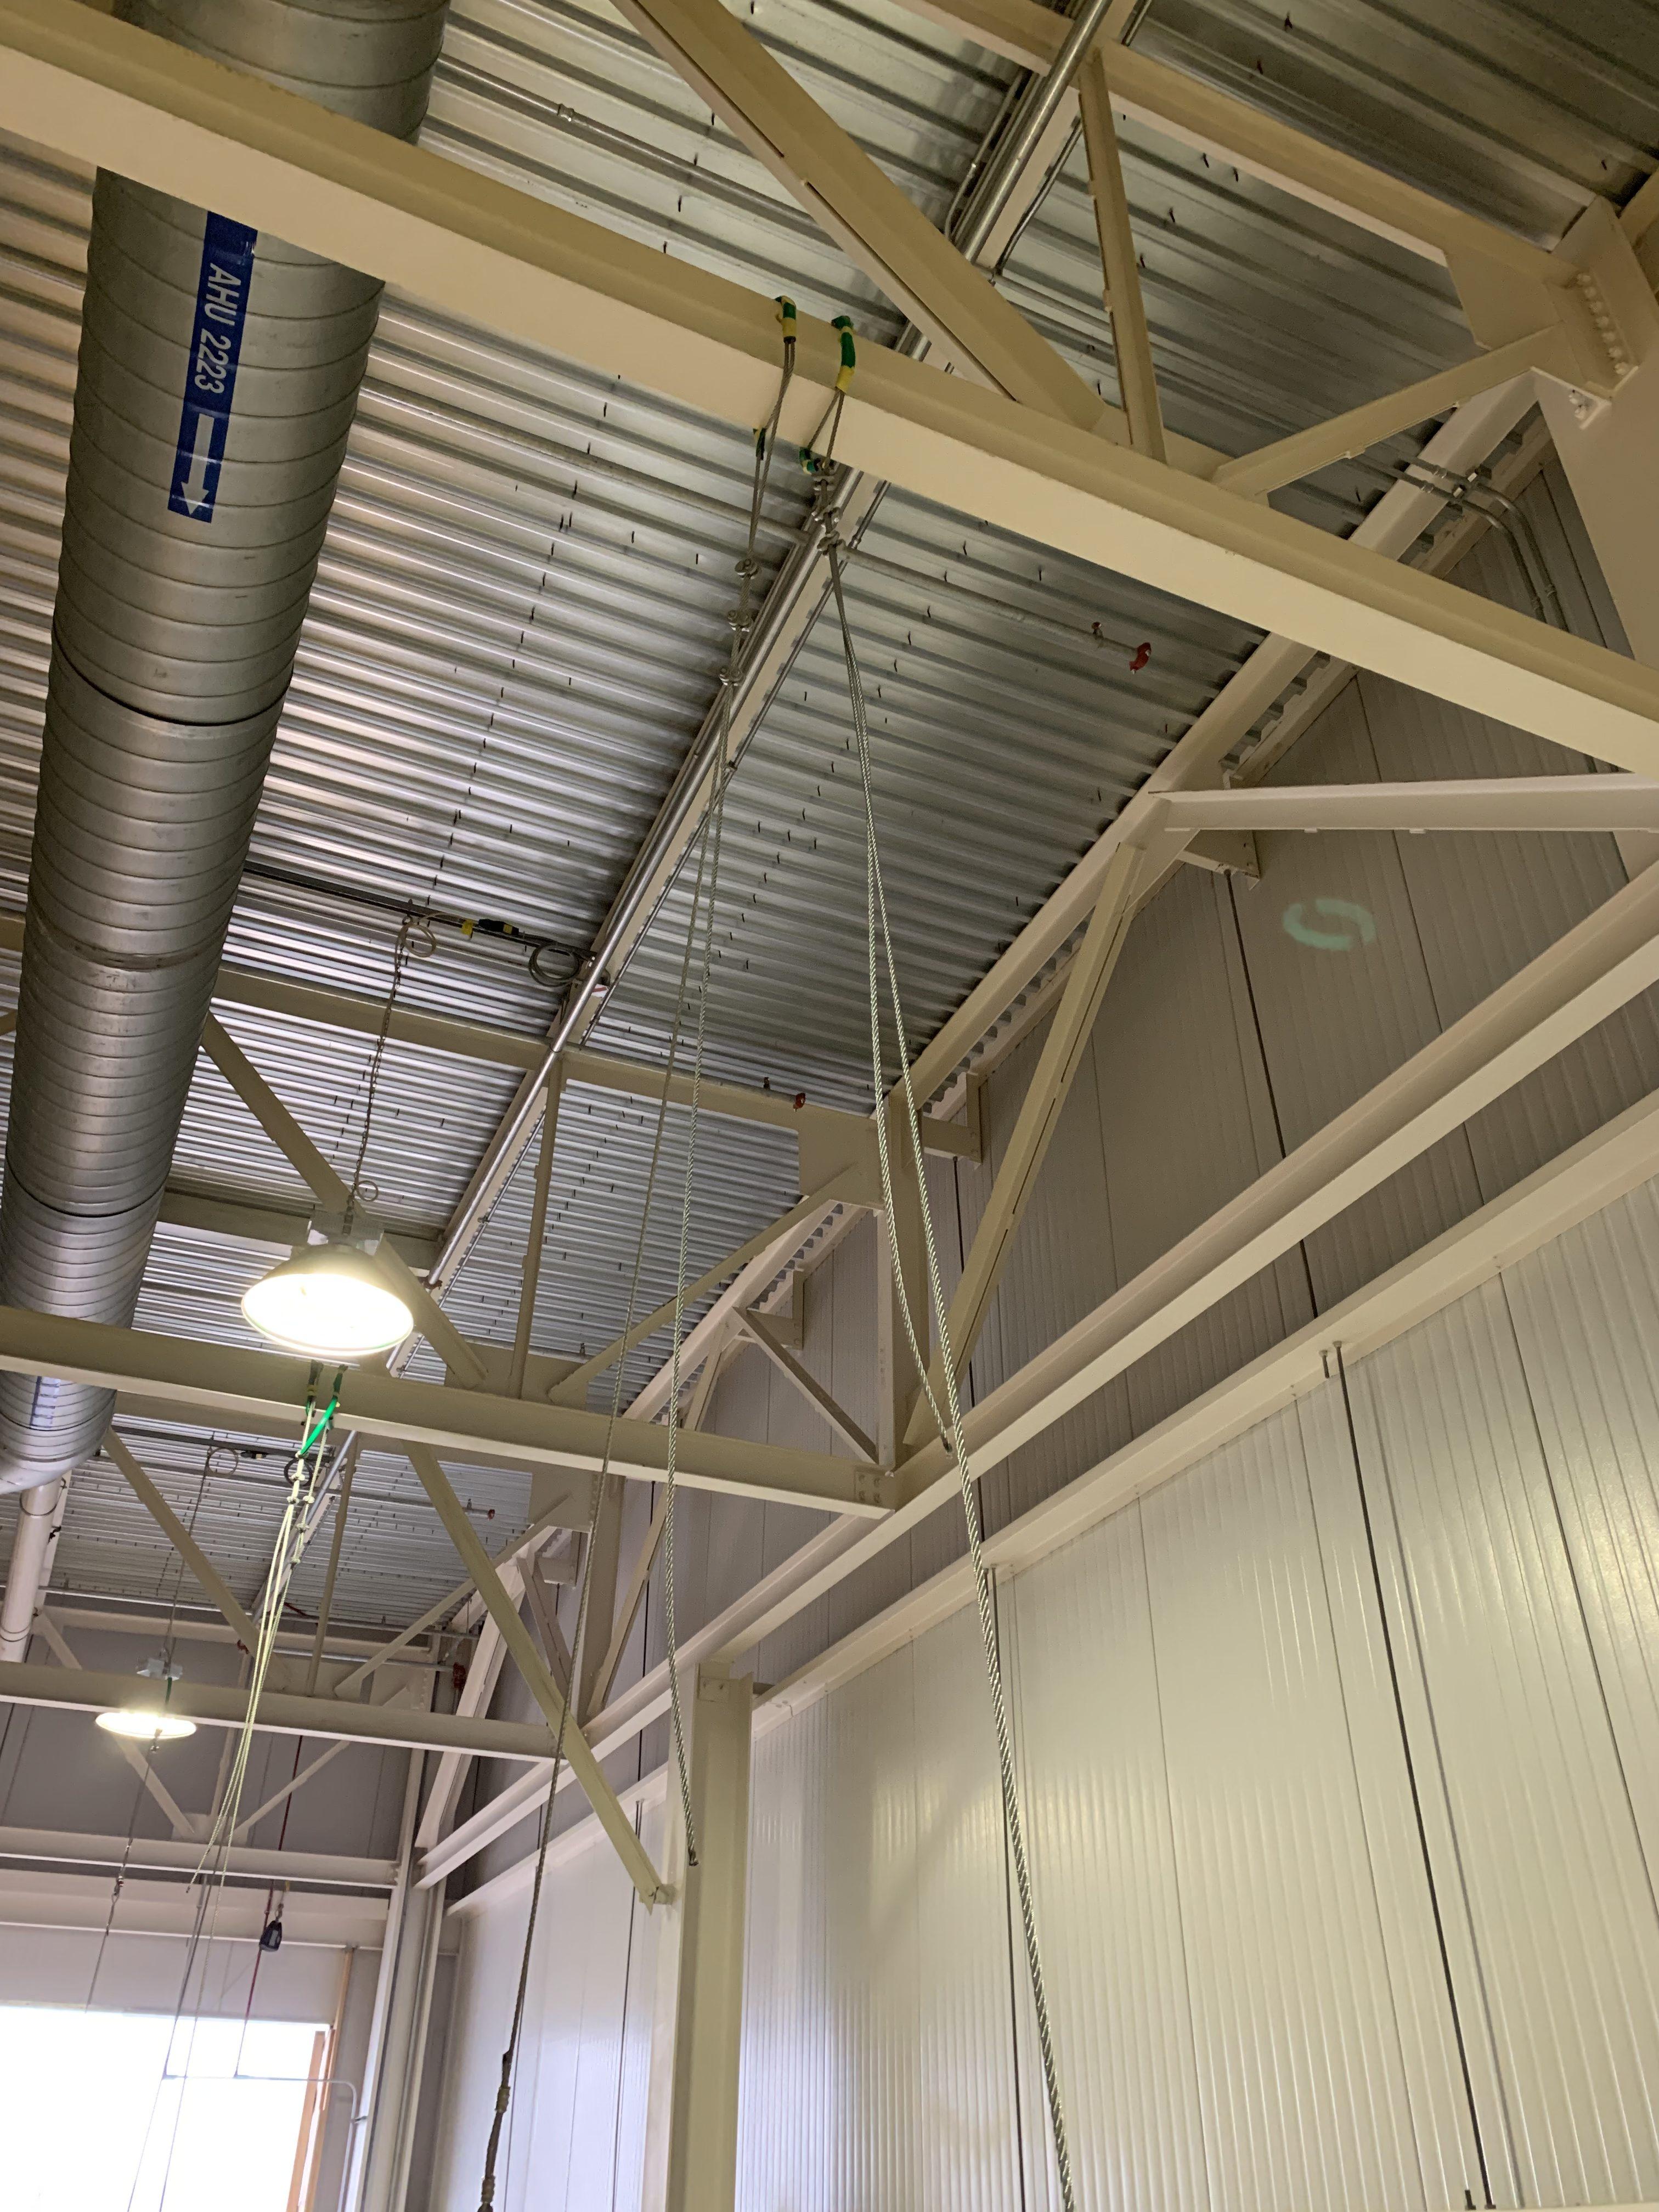 New Mezzanine in Industrial Plant scaffold 12